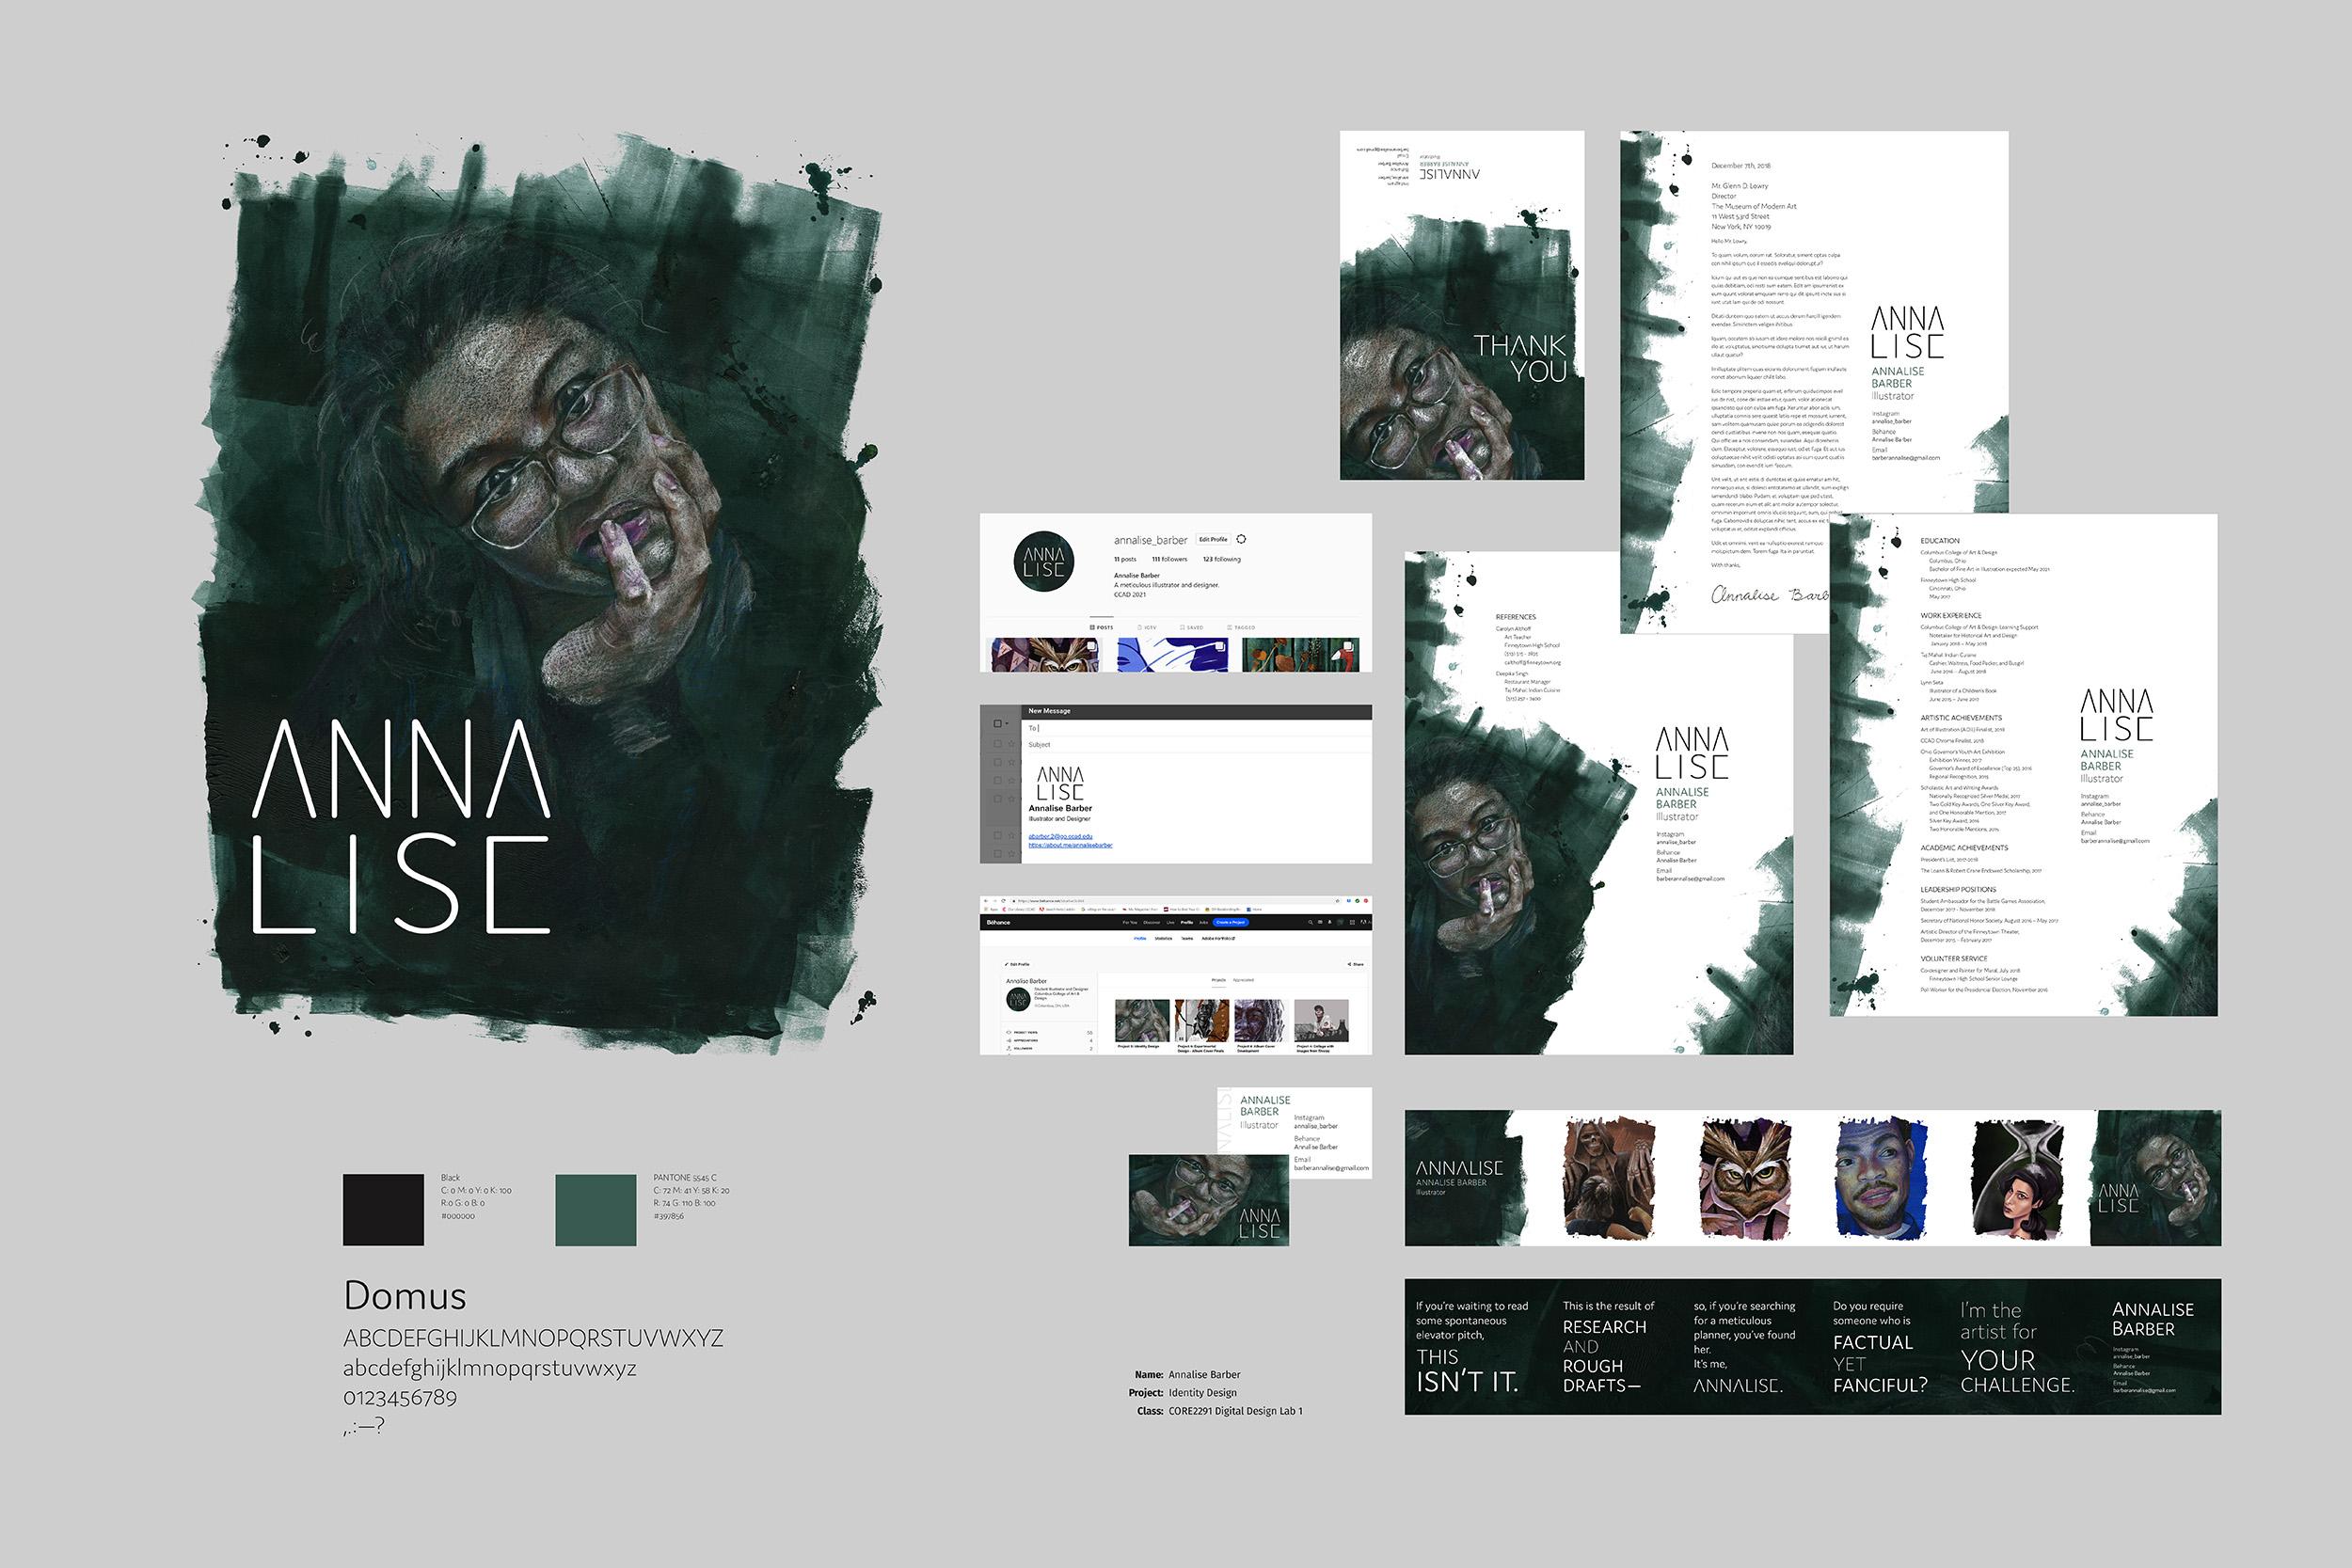 CORE2291-DBennett-Proj5-Brand Board-Annalise Barber.jpg